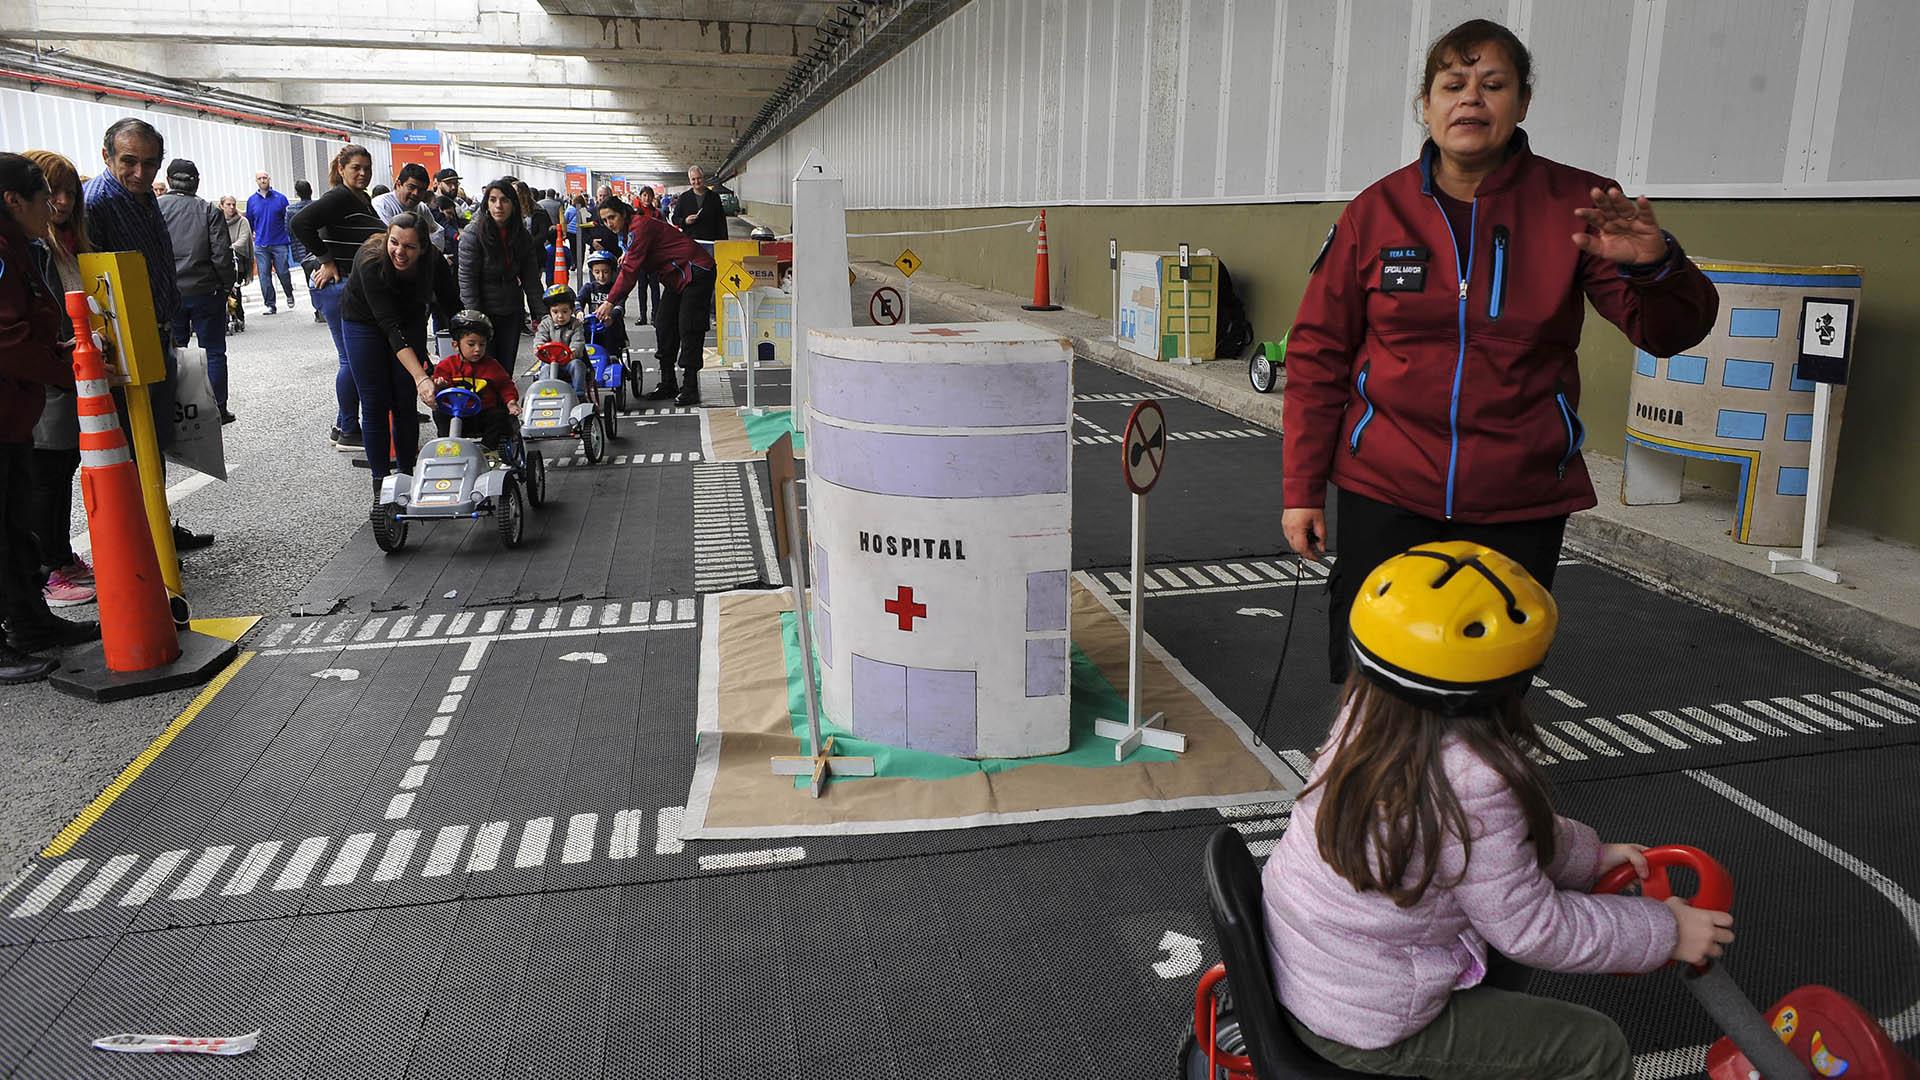 Hubo una plaza infantil donde los chicos pudieron aprender sobre seguridad vial